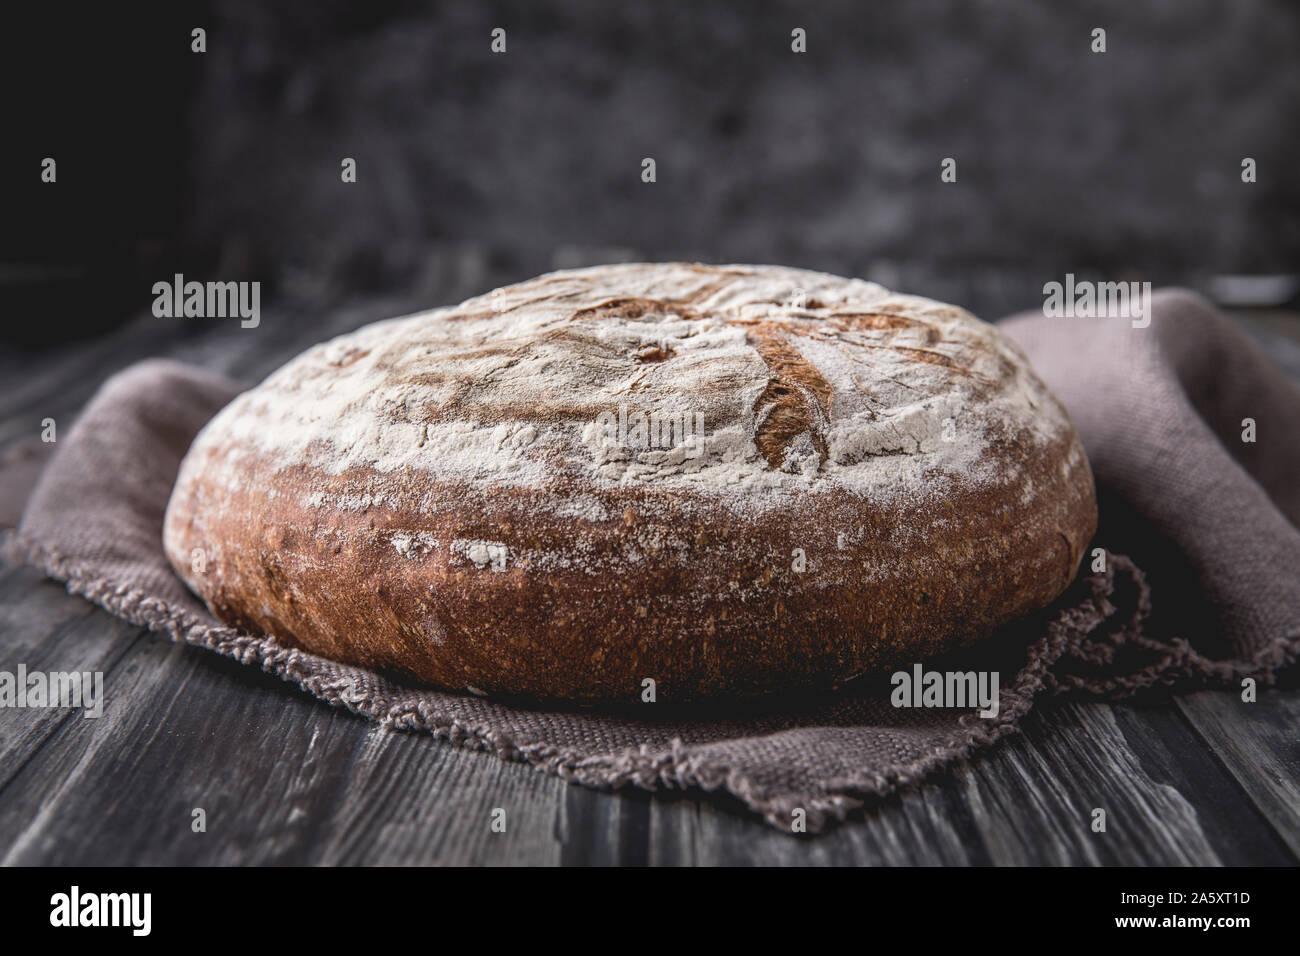 Una ronda de caseros levain pan con harina de centeno y trigo. que se coloca sobre una mesa de madera oscura, con un fondo oscuro. Hay una tela suave marrón Foto de stock